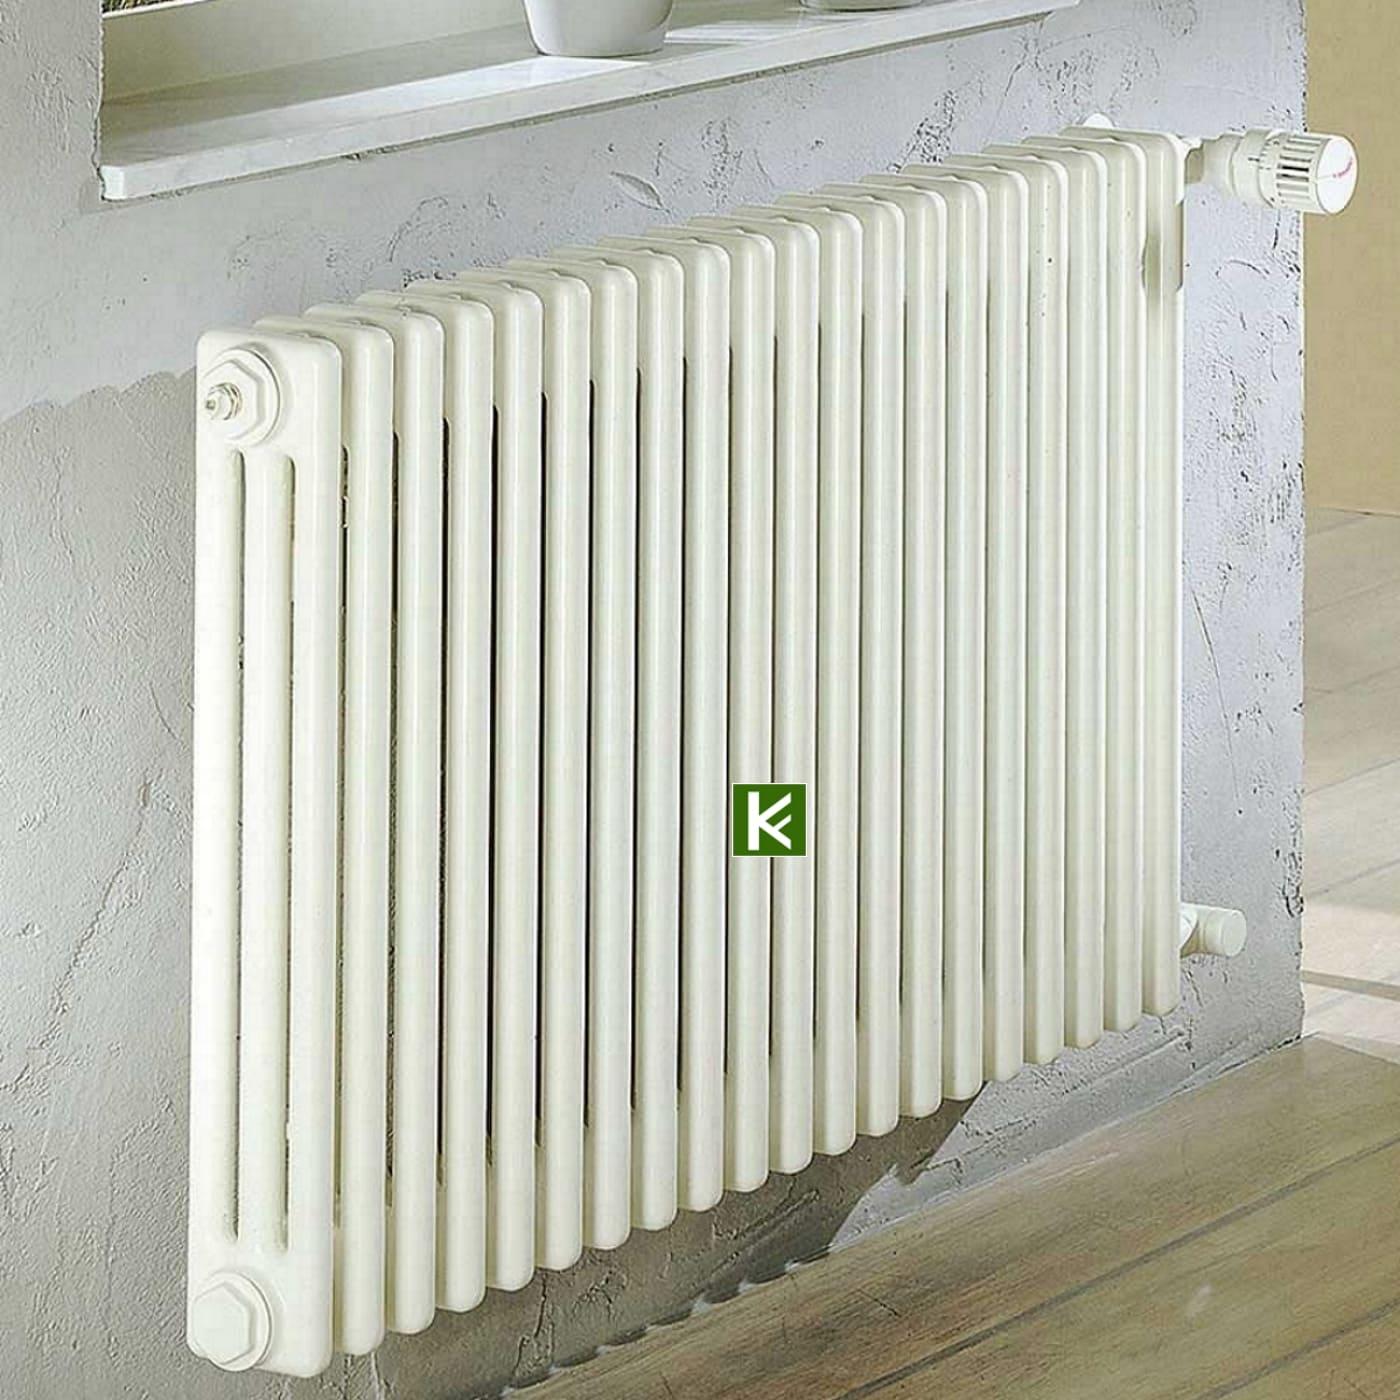 трубчатые радиаторы Arbonia 3050 - радиатор отопления Арбония 3050